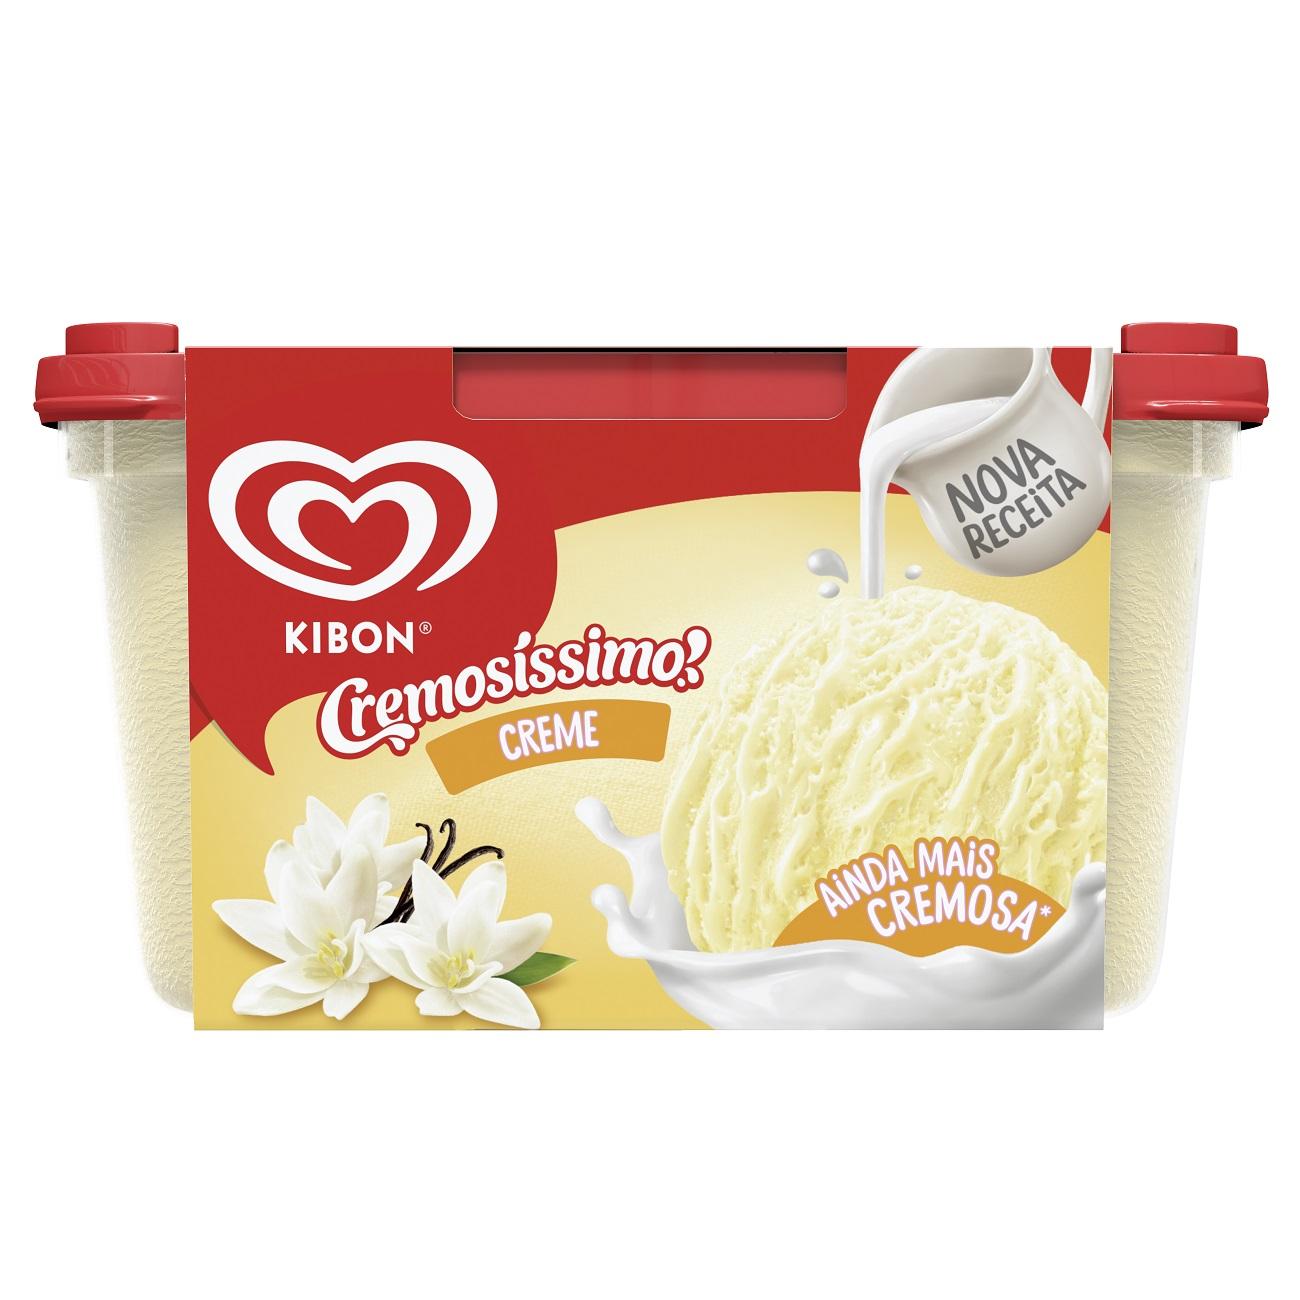 Sorvete Kibon Cremosissimo Creme 1.5L   Caixa com 4